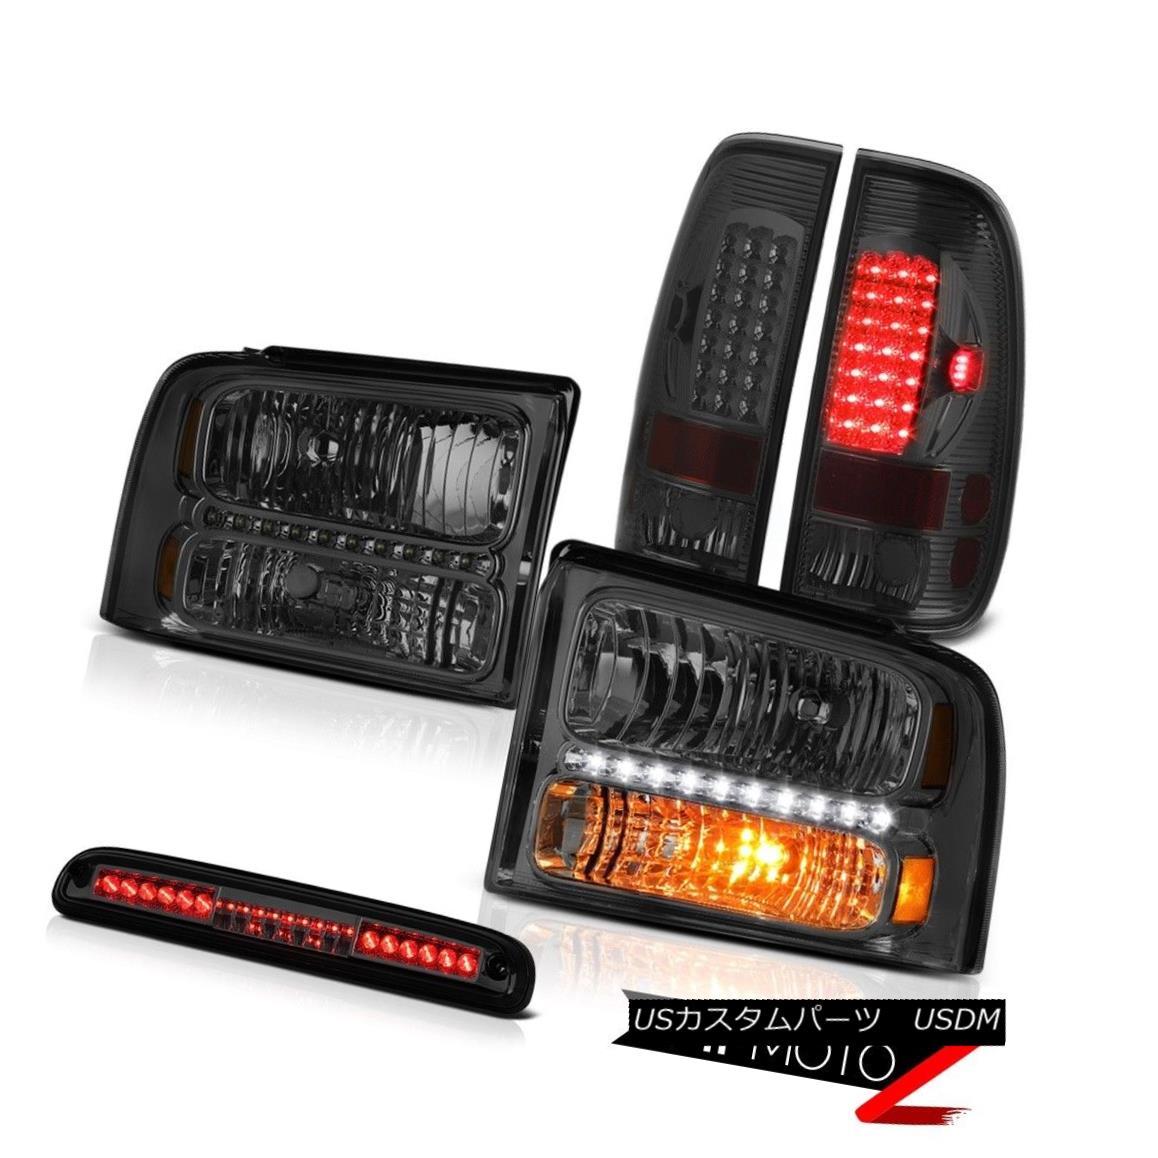 テールライト Front Crystal Headlights Smoked LED Taillamps Smoke 3rd Brake 05 06 07 Ford F550 フロントクリスタルヘッドライトスモークLEDタイルランプスモークサードブレーキ05 06 07 Ford F550